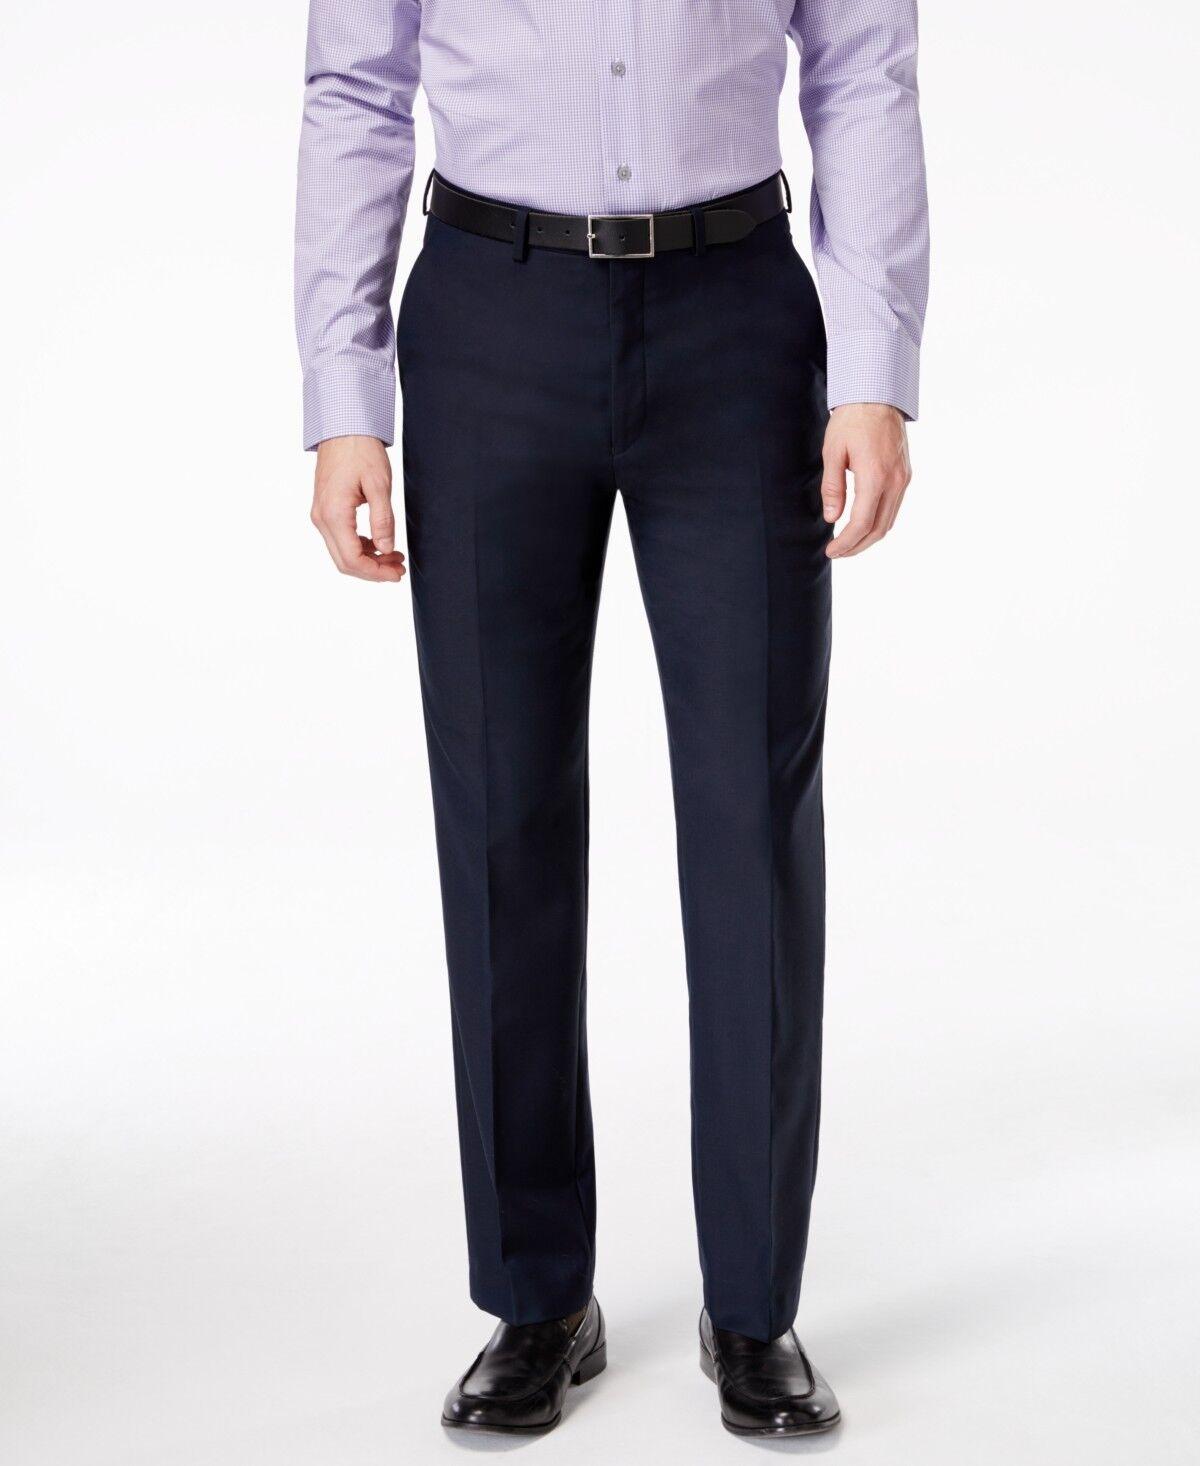 RYAN SEACREST Men blueE MODERN FIT SUIT WOOL DRESS TROUSERS PANTS 30 W 32 L